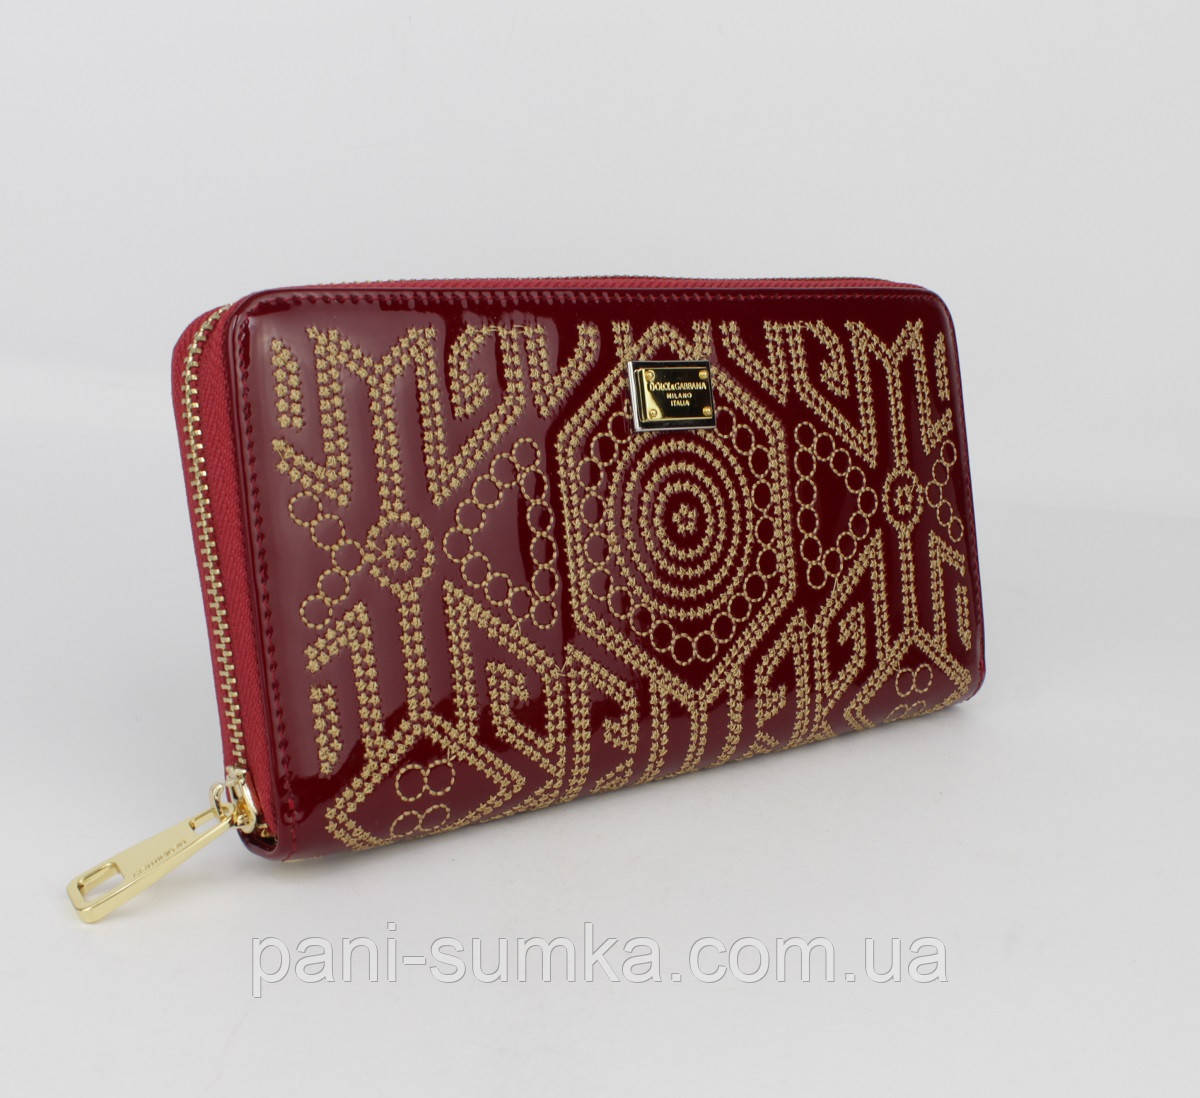 Кошелек лаковый с вышивкой Dolce&Gabbana (копия) 60103 красный, расцветки